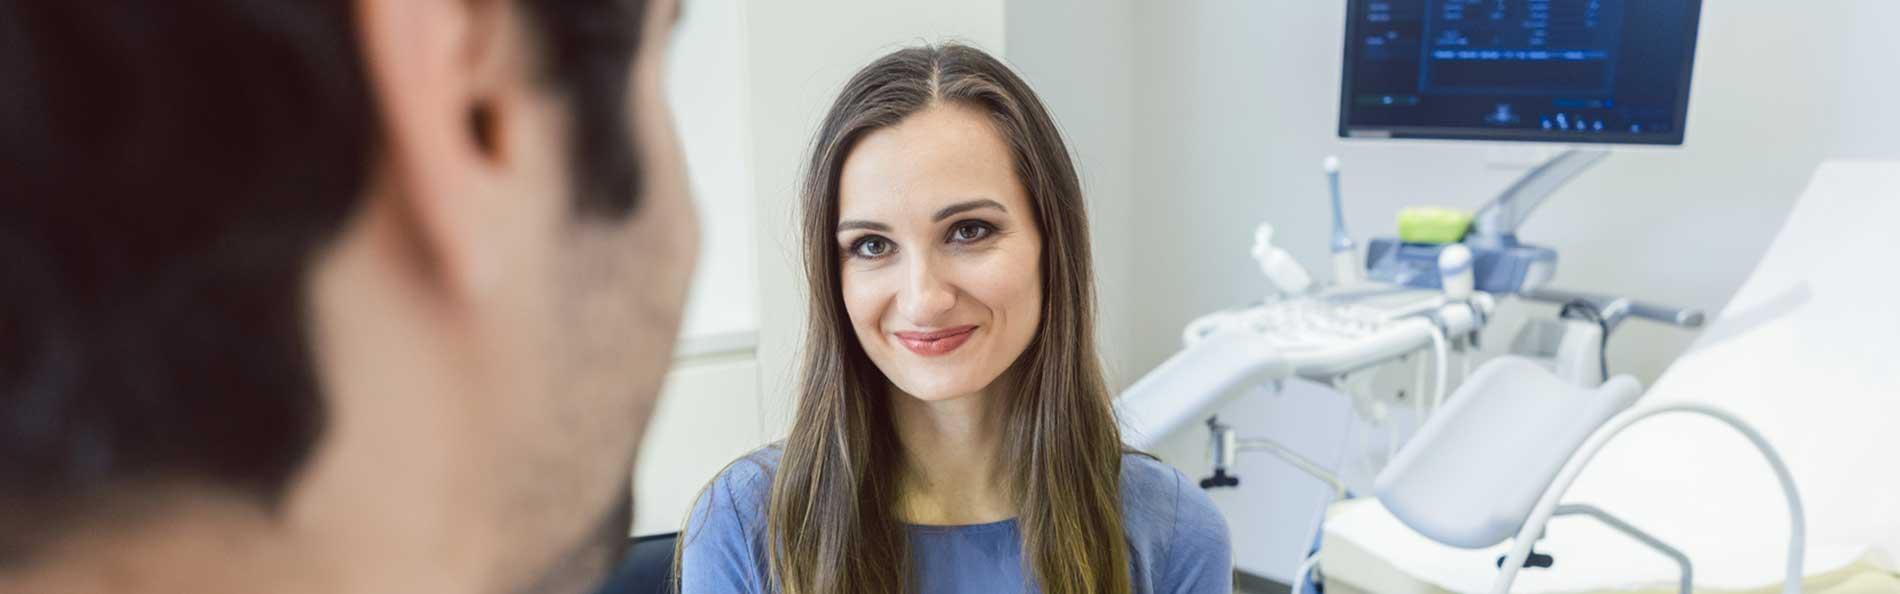 Frauenarzt Dr. Perperis, Mädchensprechstunde